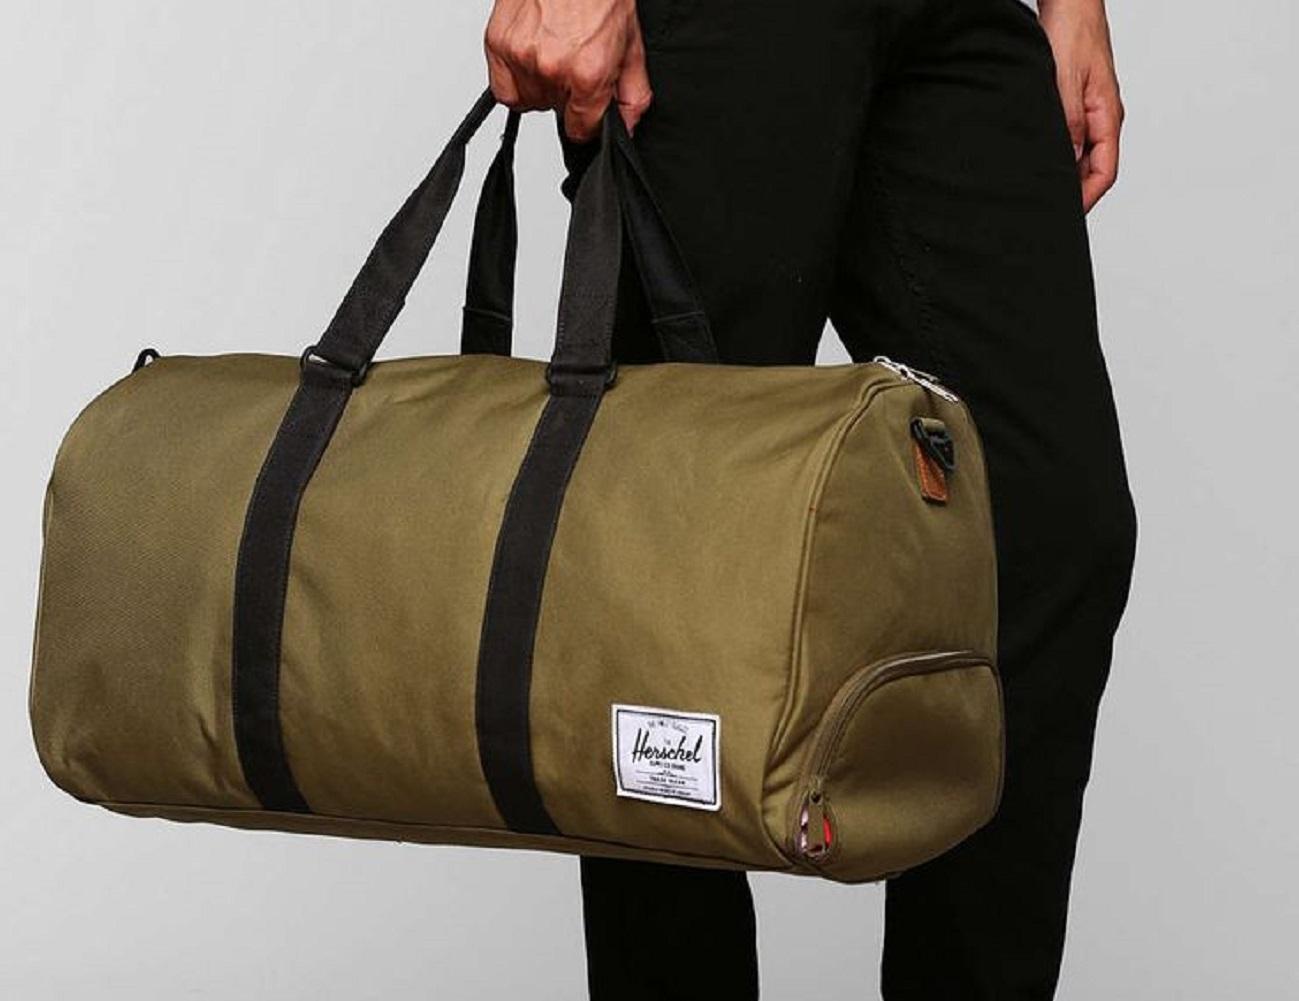 f2fdb50f667d Novel Duffle Bag by Herschel Supply Co. » Gadget Flow